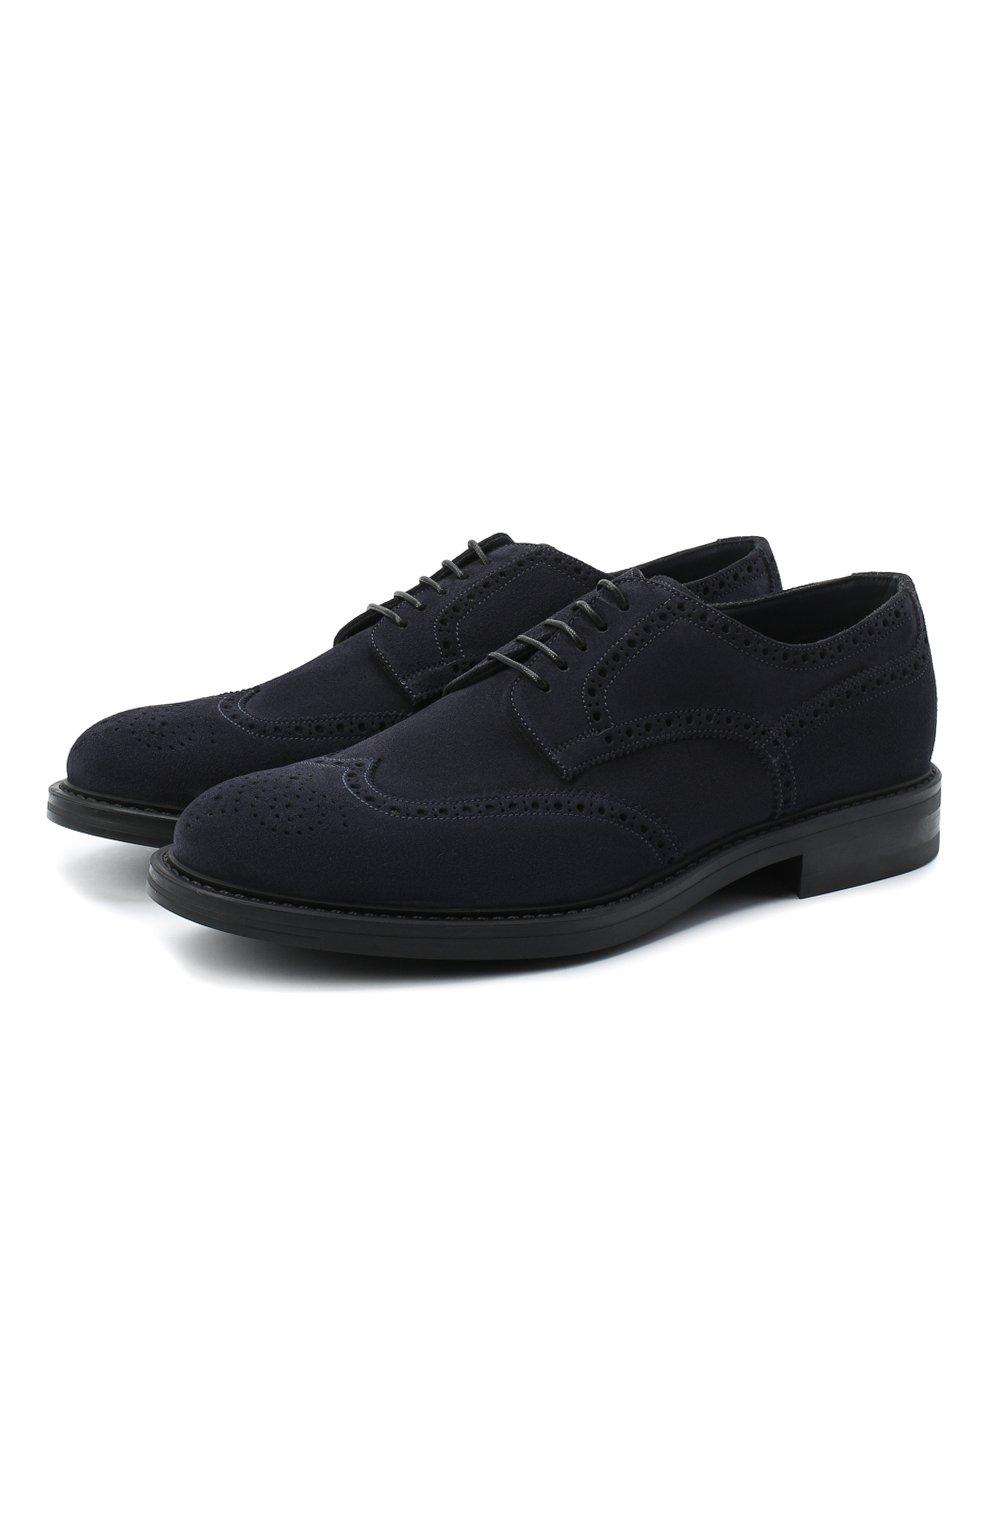 Мужские замшевые дерби W.GIBBS синего цвета, арт. 3169007/2301 | Фото 1 (Мужское Кросс-КТ: Броги-обувь; Стили: Классический; Материал внутренний: Текстиль; Материал внешний: Замша)